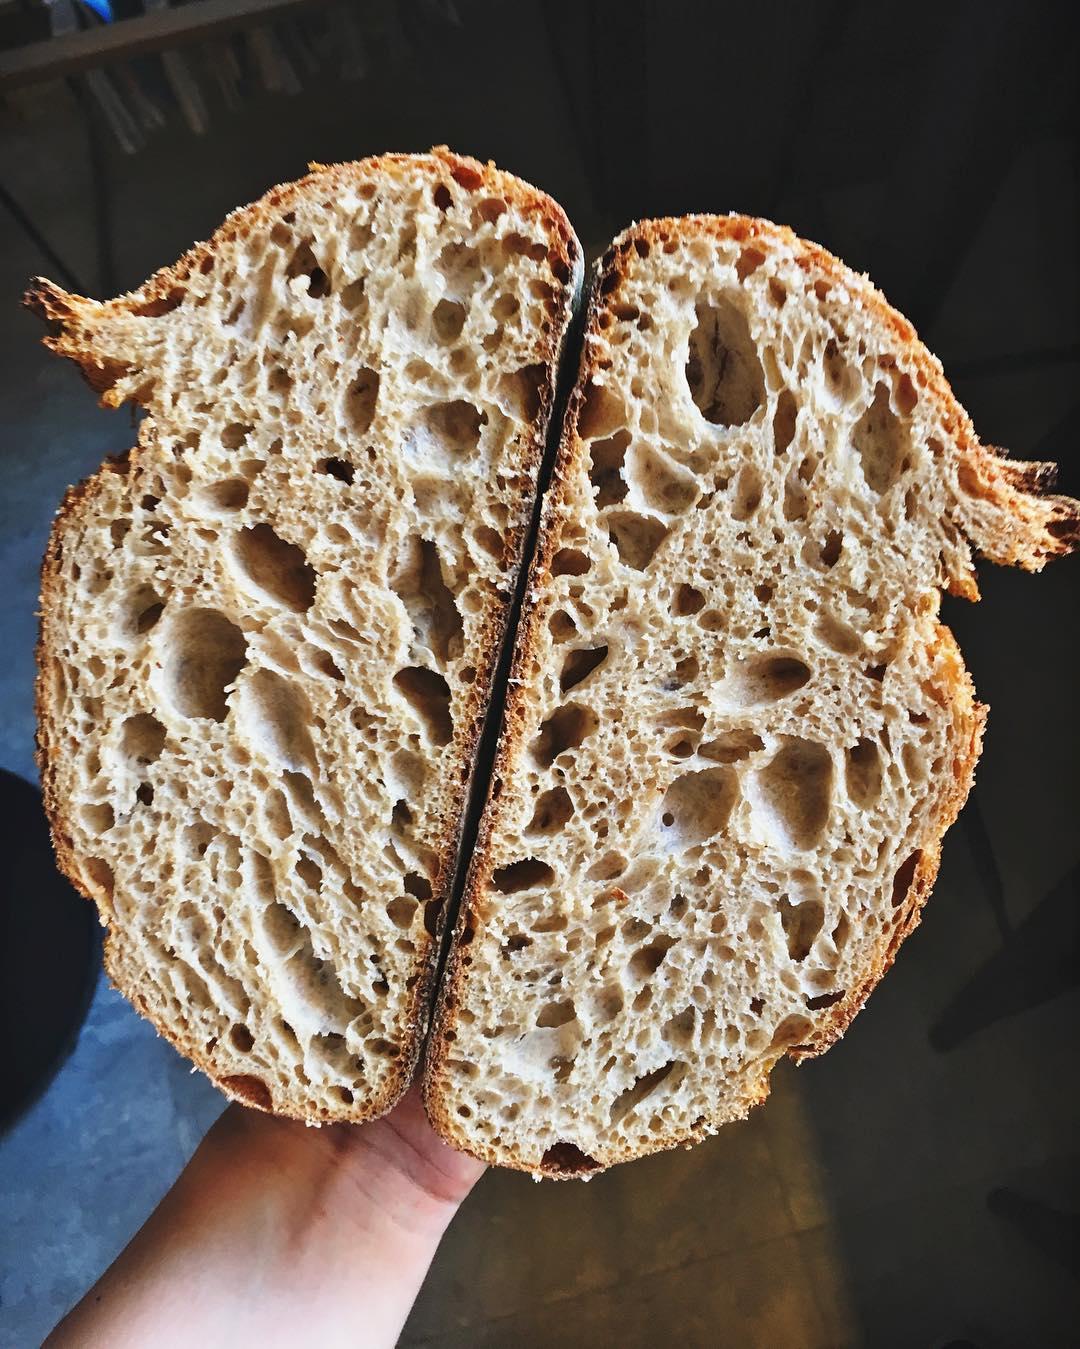 İstanbul'un En İyi Ekşi Mayalı Ekmek Yapan Fırın ve Atölyeleri | Bröd